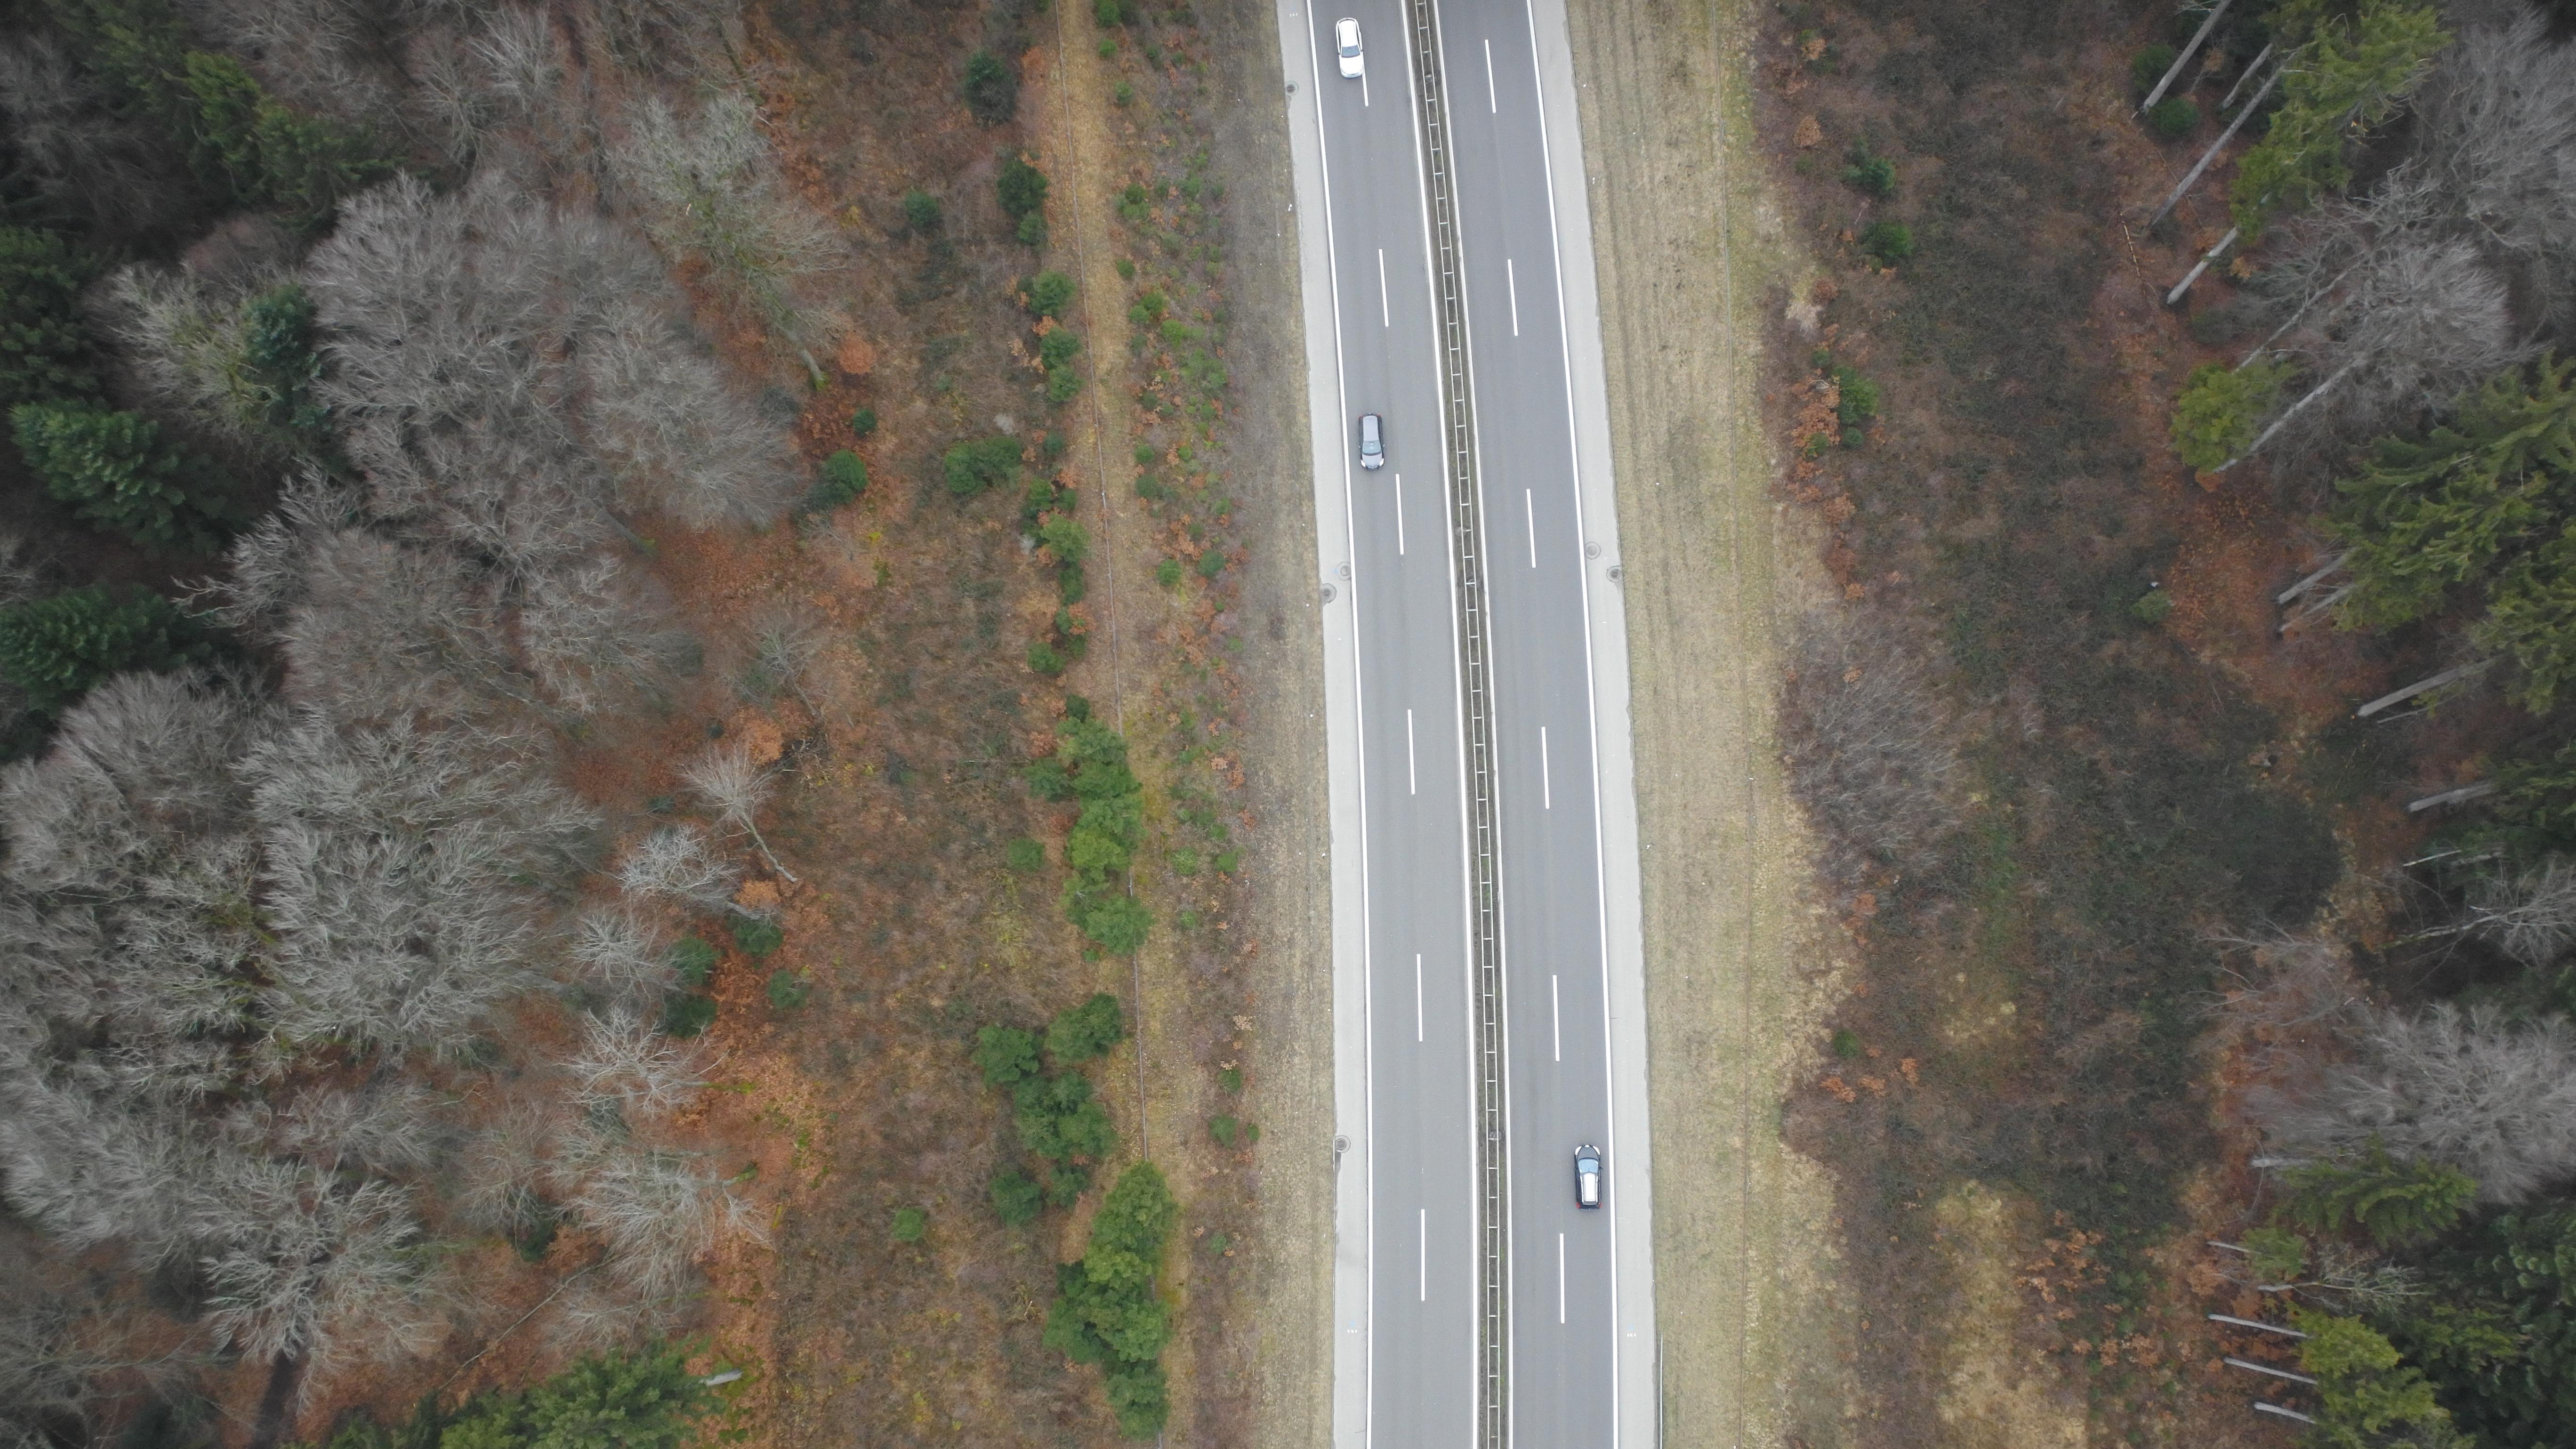 Die Vermessung einer 115km langen Autobahn aus der Luft mithilfe von Pix4Dmapper